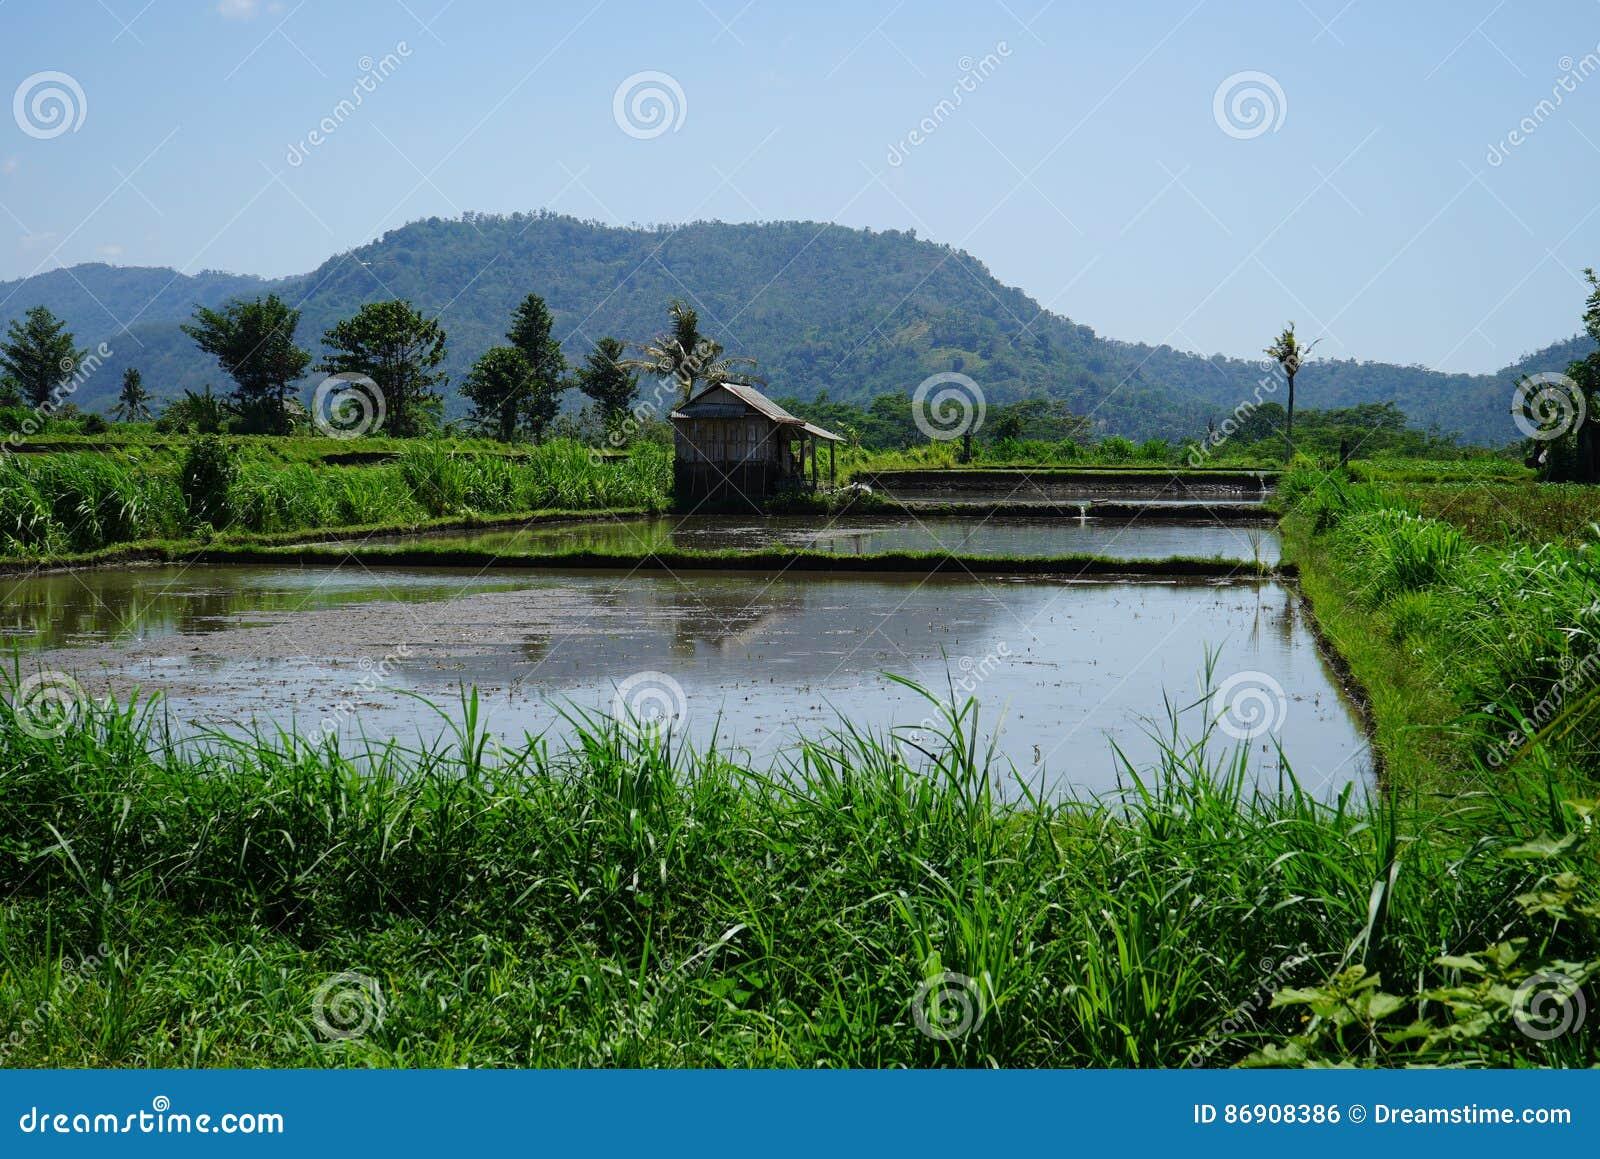 Hutte de pêche par l étang près de la montagne